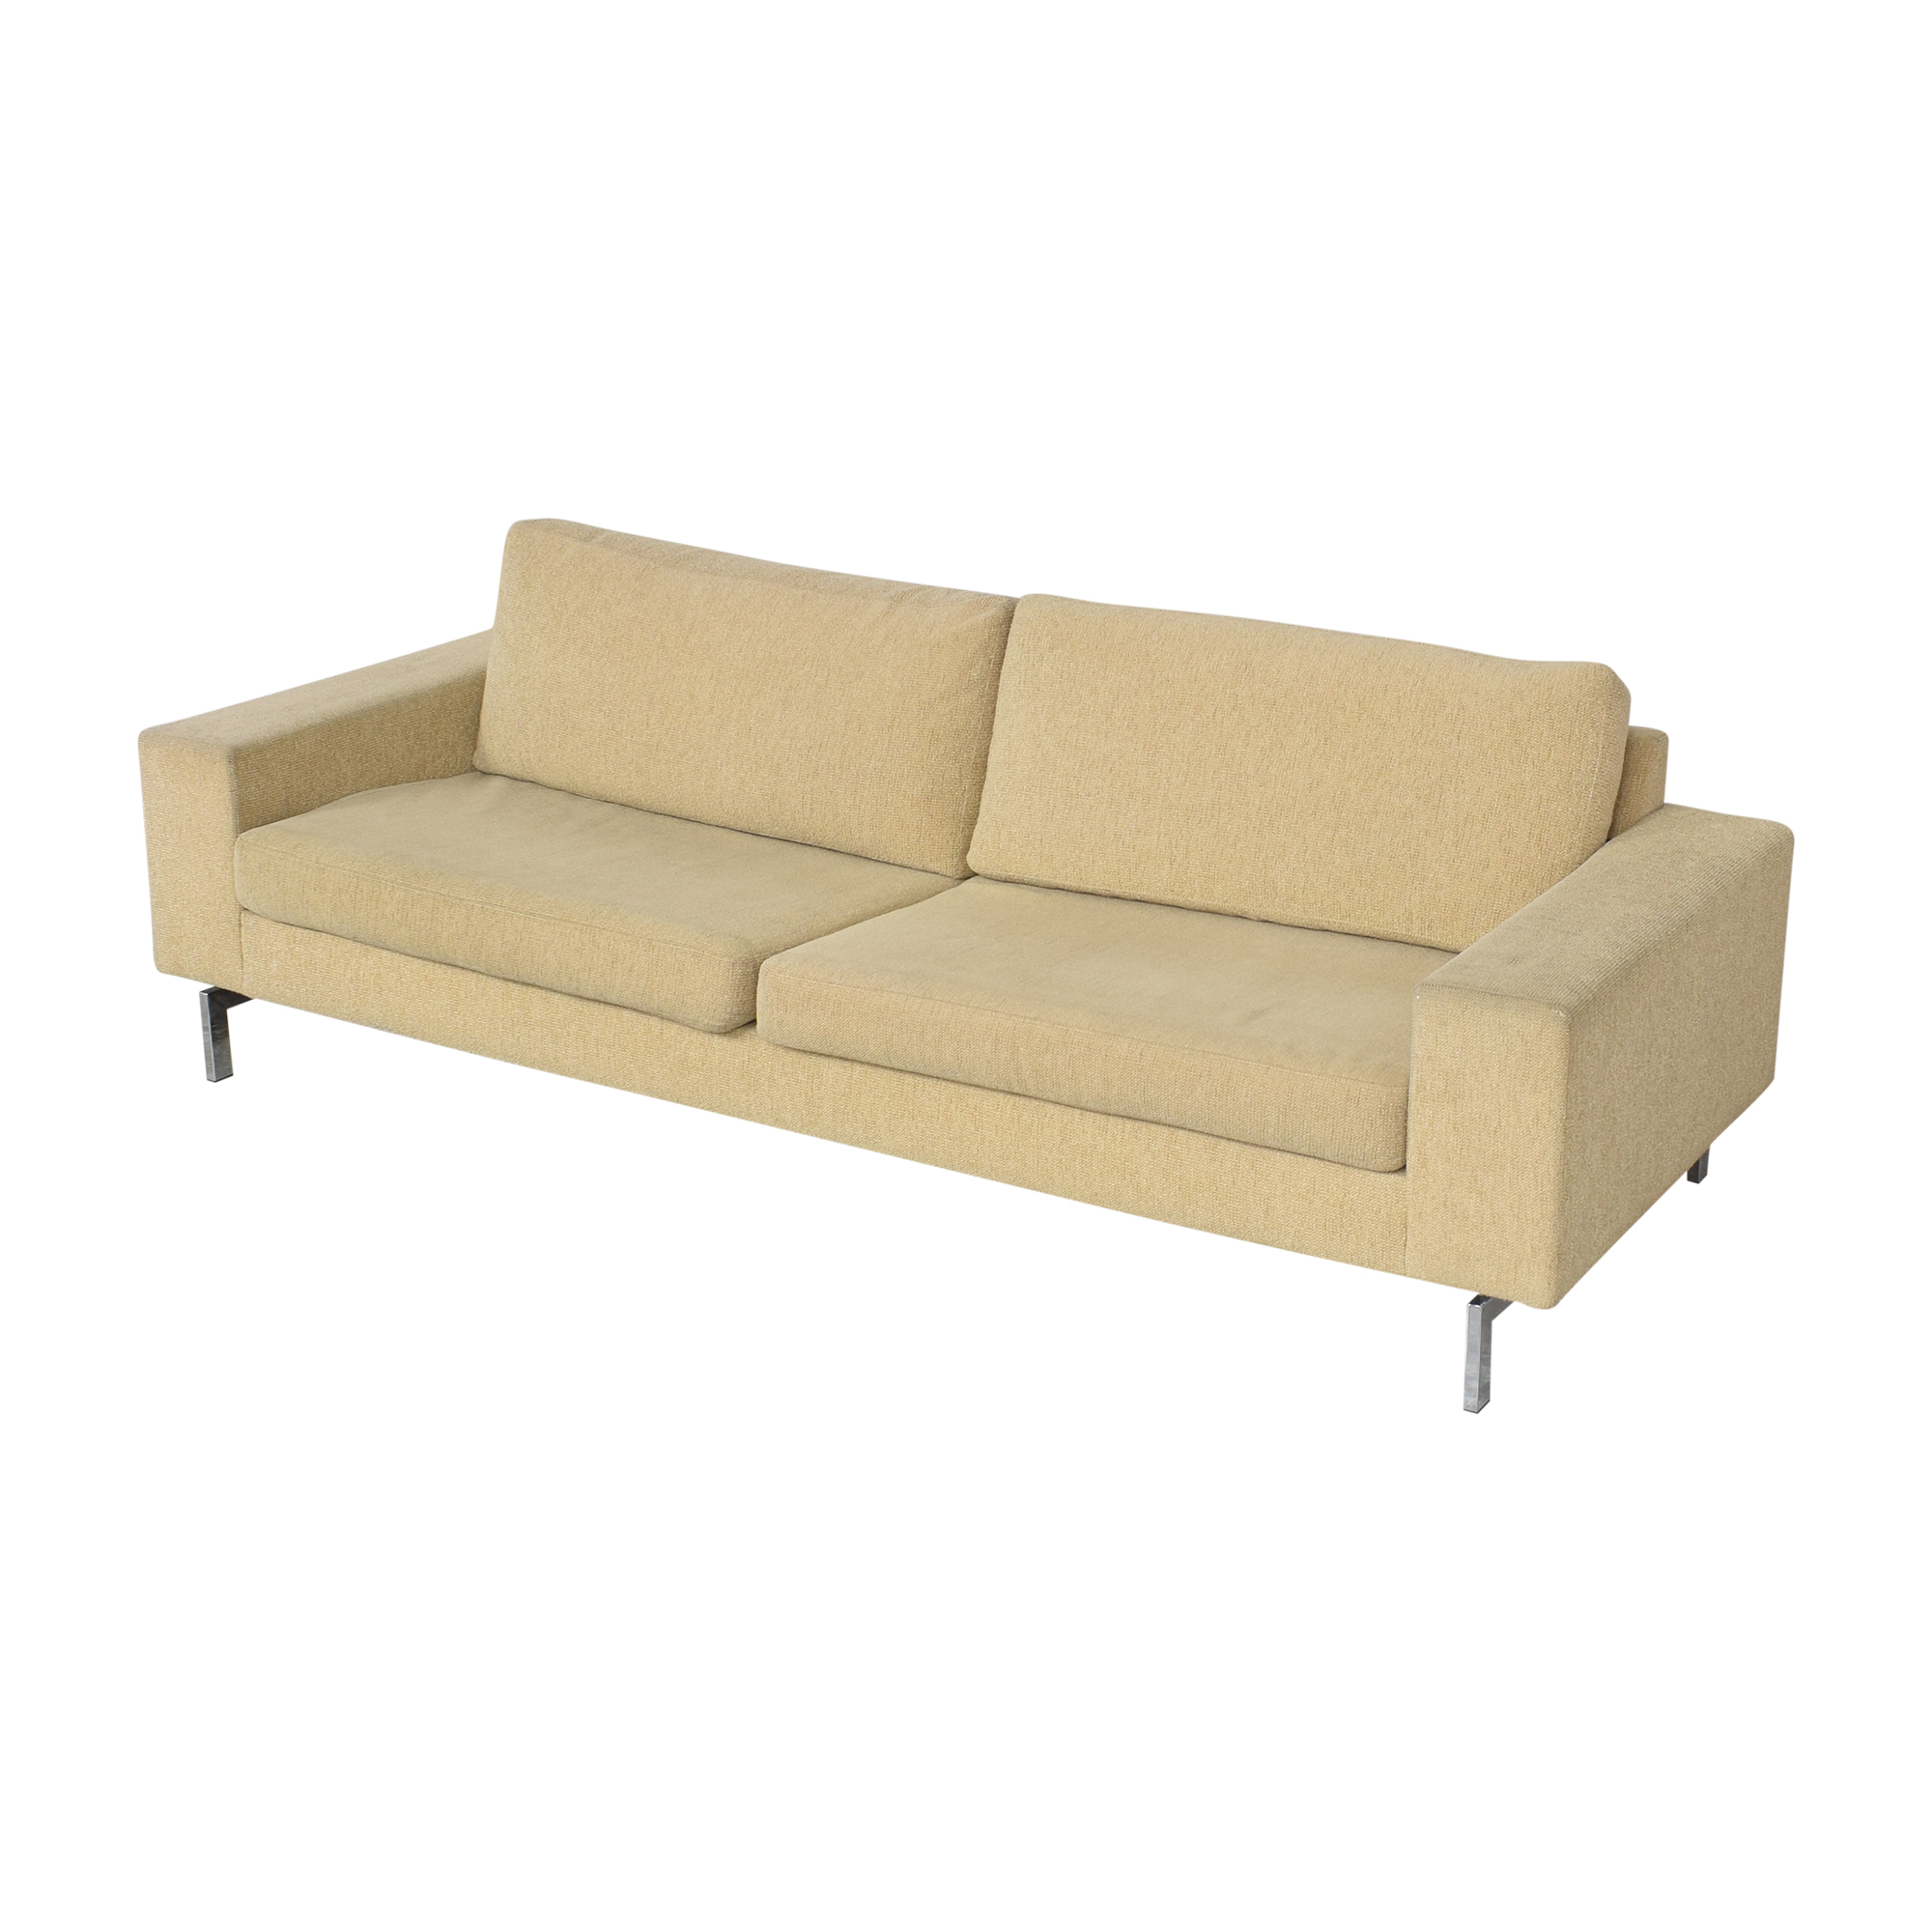 Modern Two Cushion Sofa / Sofas